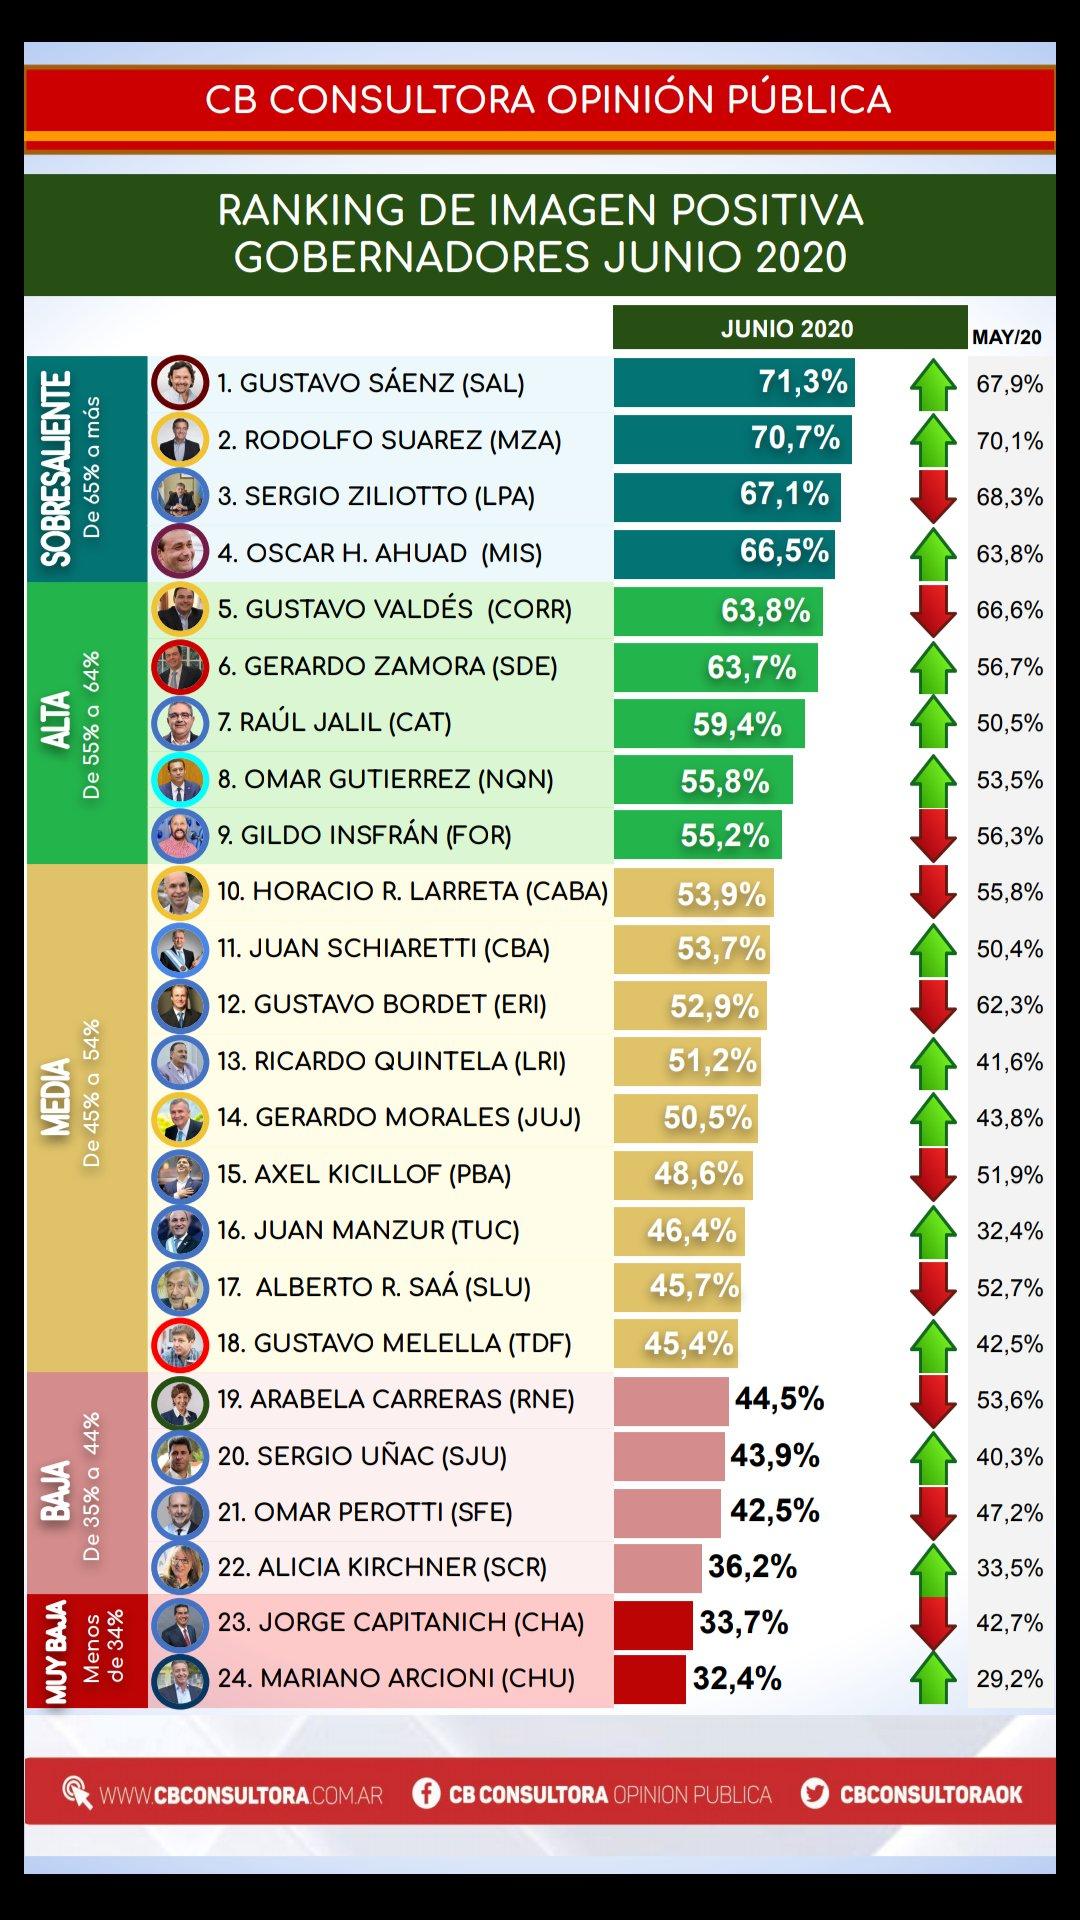 De esta manera quedó conformado el ranking de imagen positiva de los gobernadores en junio de acuerdo a CB Consultora